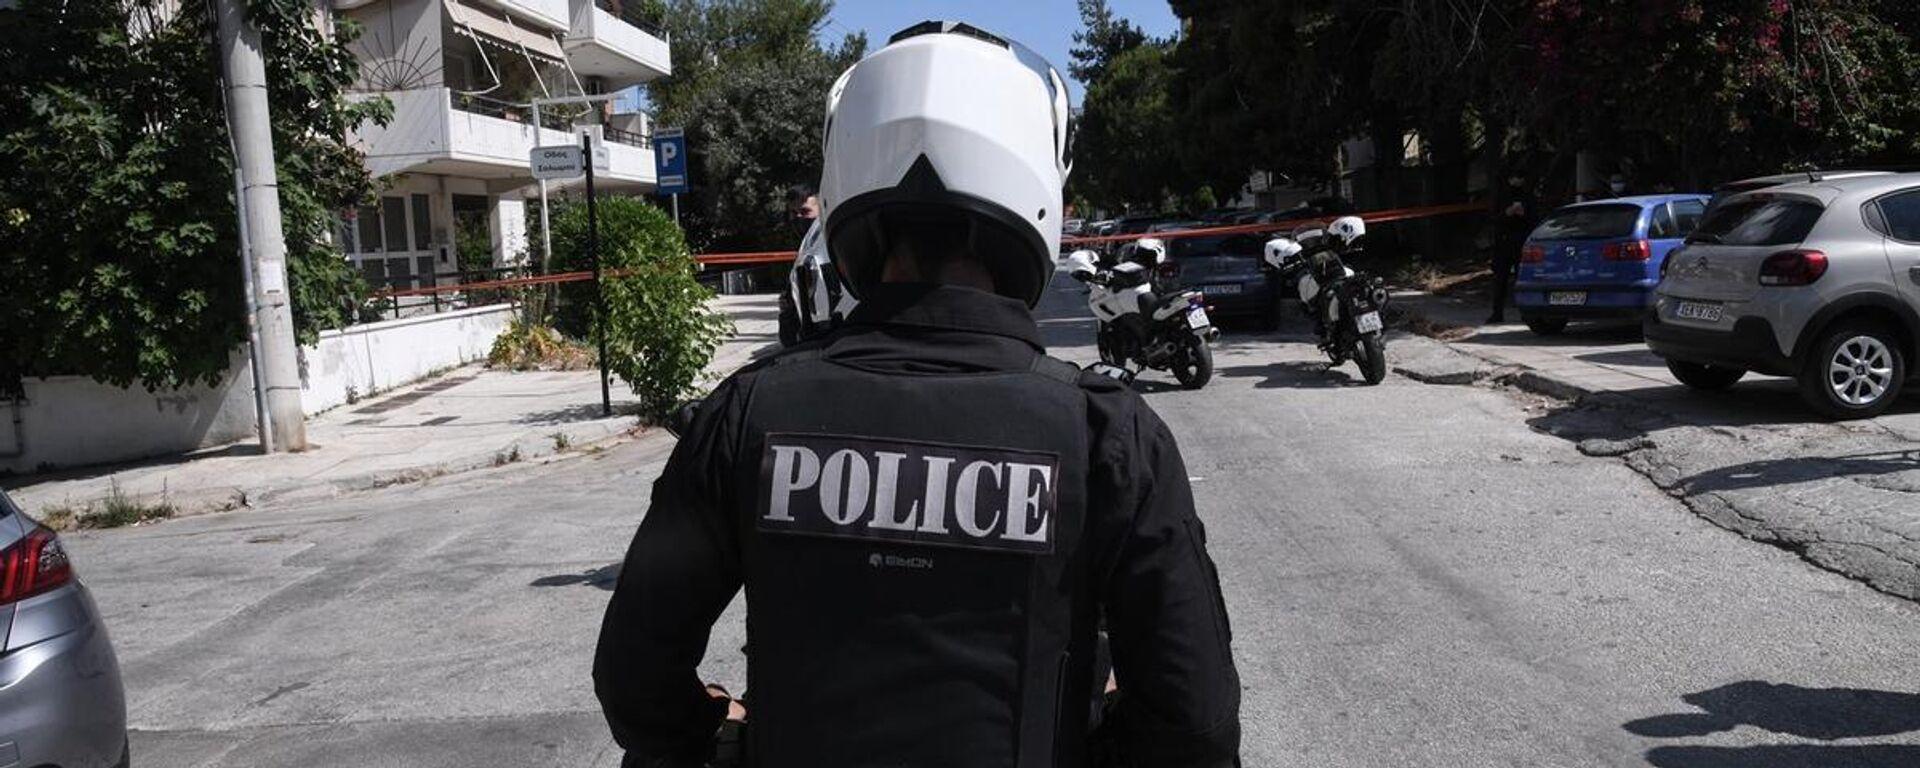 Αστυνομία - Sputnik Ελλάδα, 1920, 08.10.2021